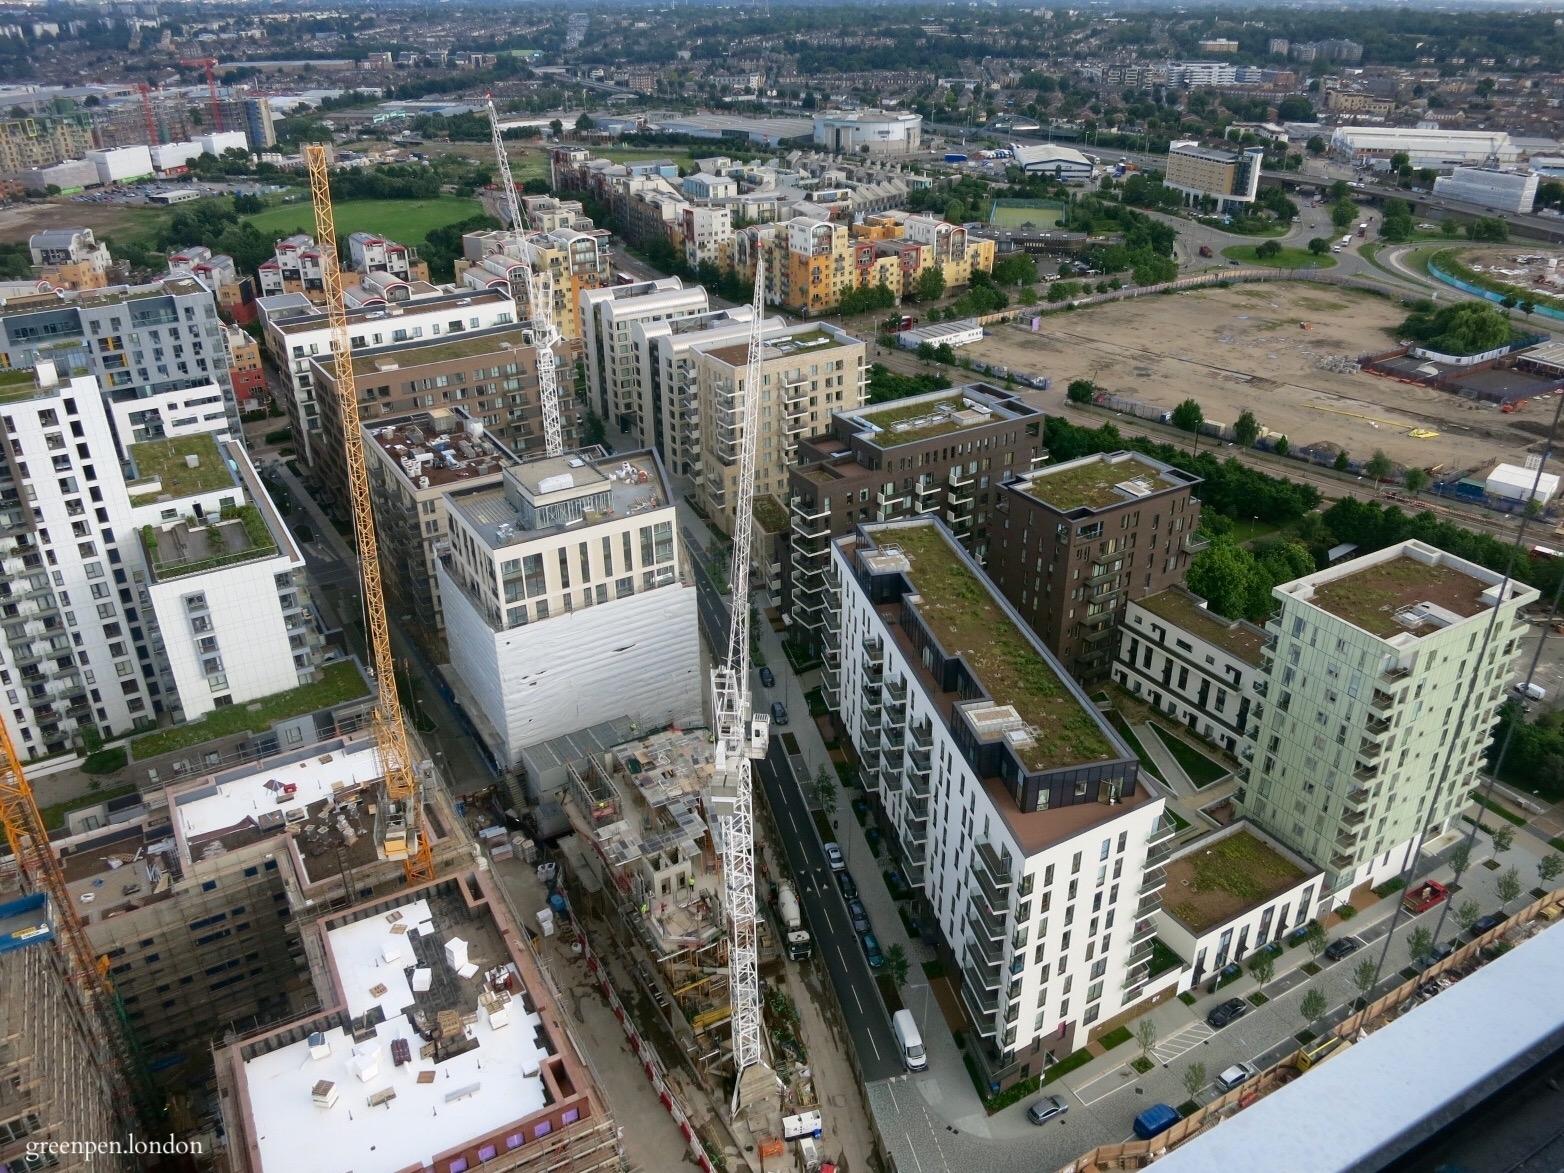 Residential developments on the Lower Riverside/Parkside of Greenwich Peninsula -June 2016 [greenpenlondon]